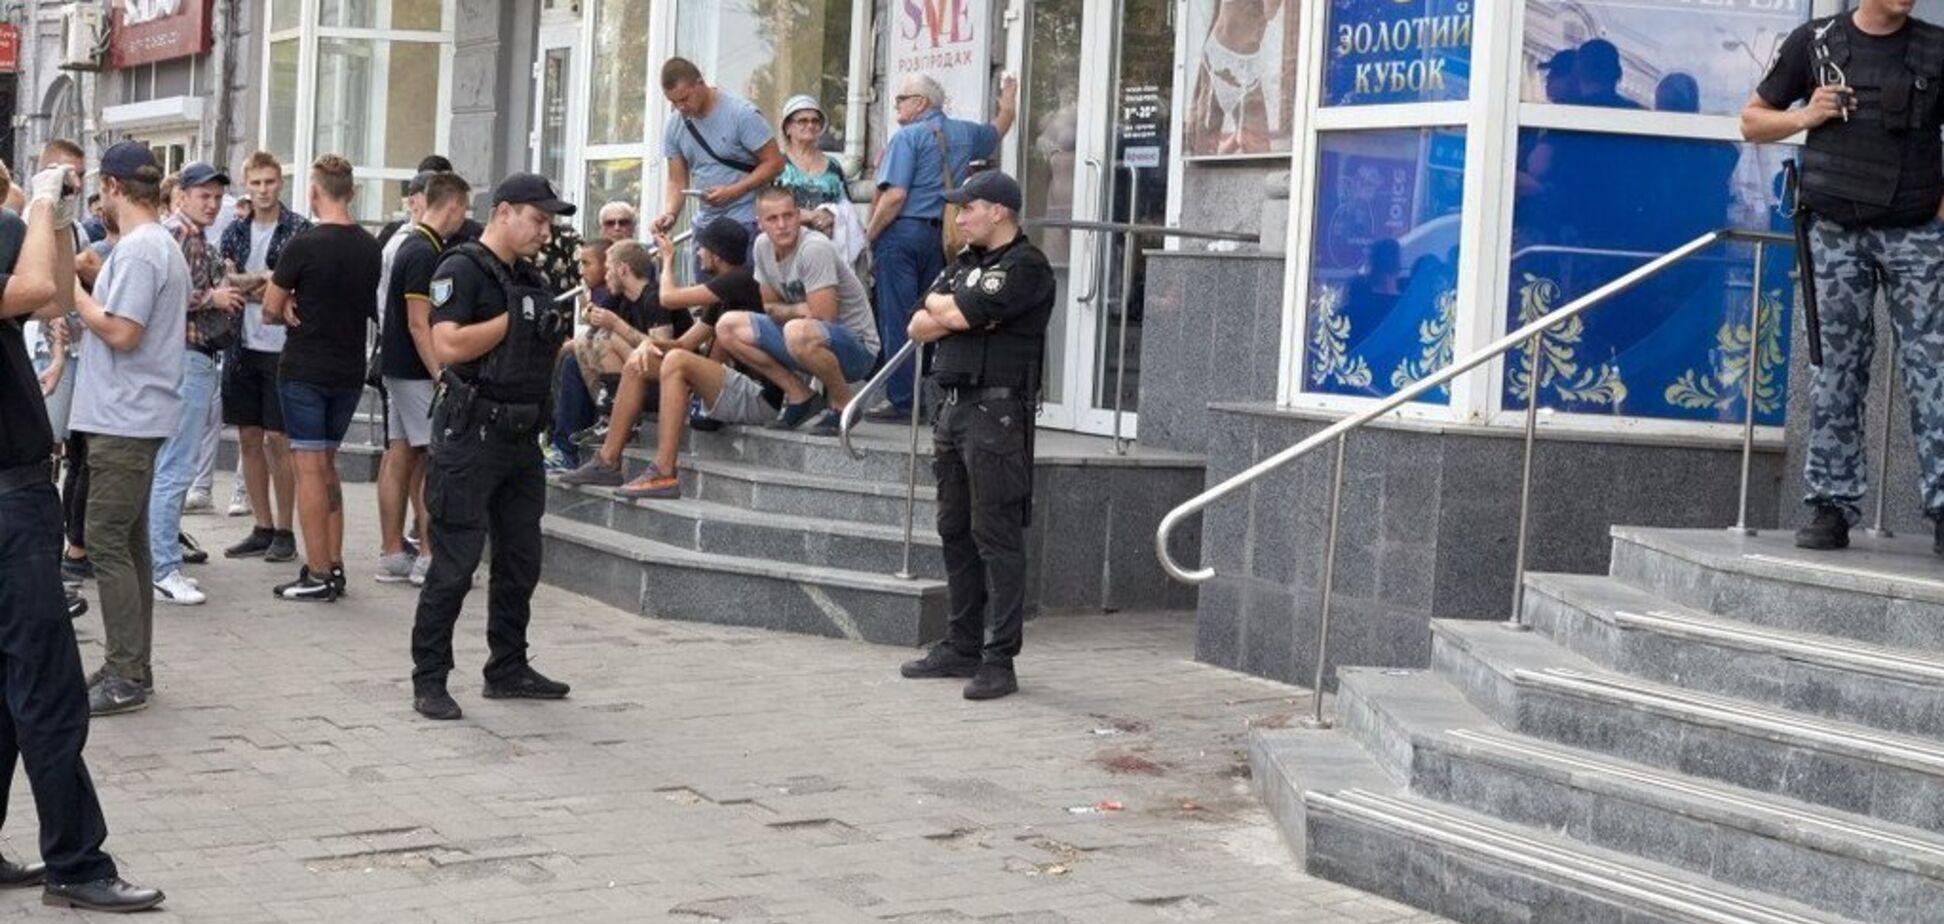 Бійка зі стріляниною в Дніпрі: поліція вийшла на слід підозрюваних